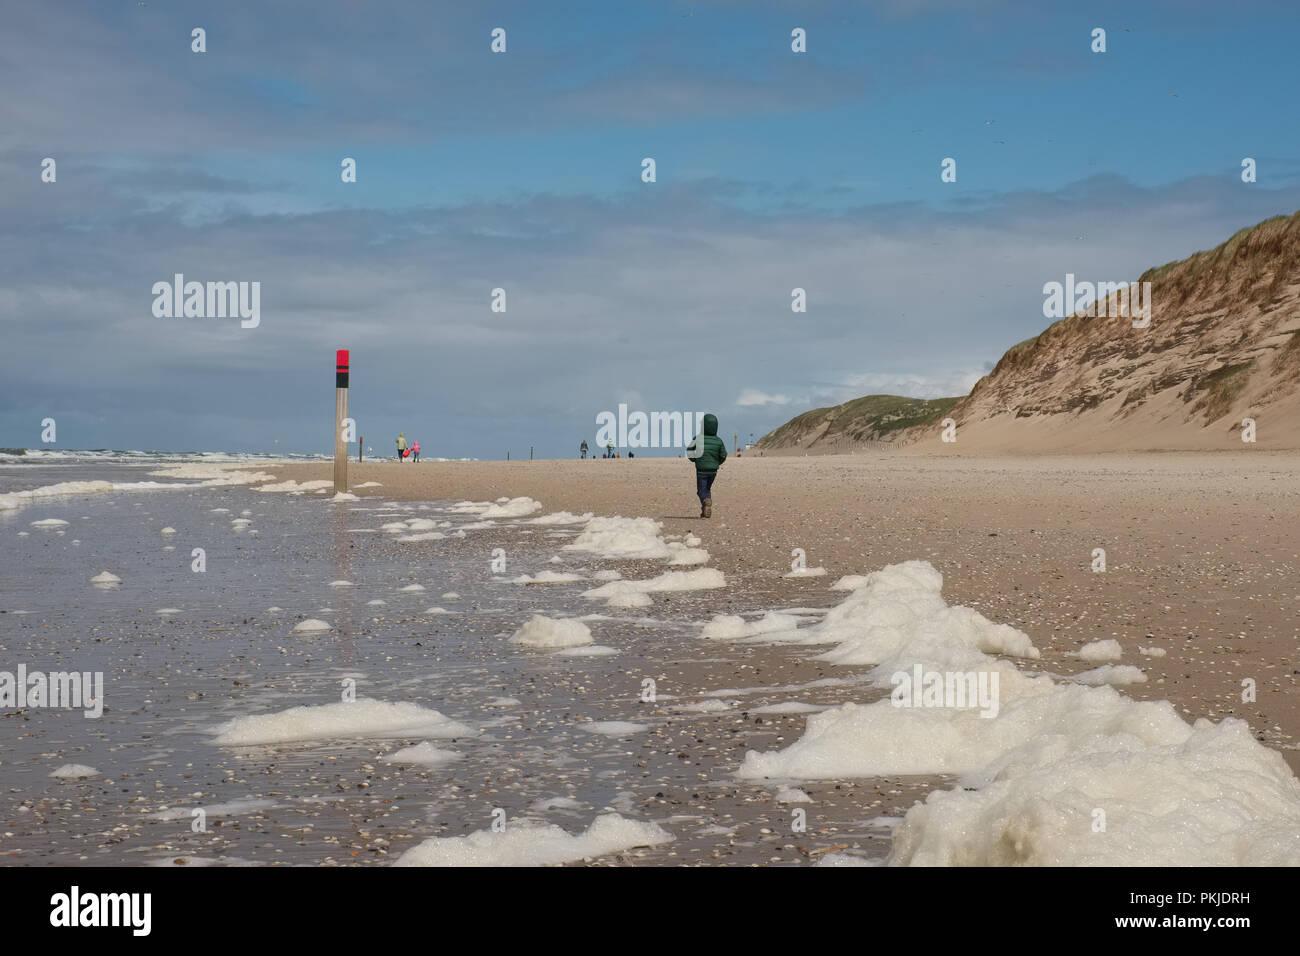 Le alghe (tipo Phaeocystis ) coprire una spiaggia di Texel, la più grande dell'Waddeneilanden. Foto Stock